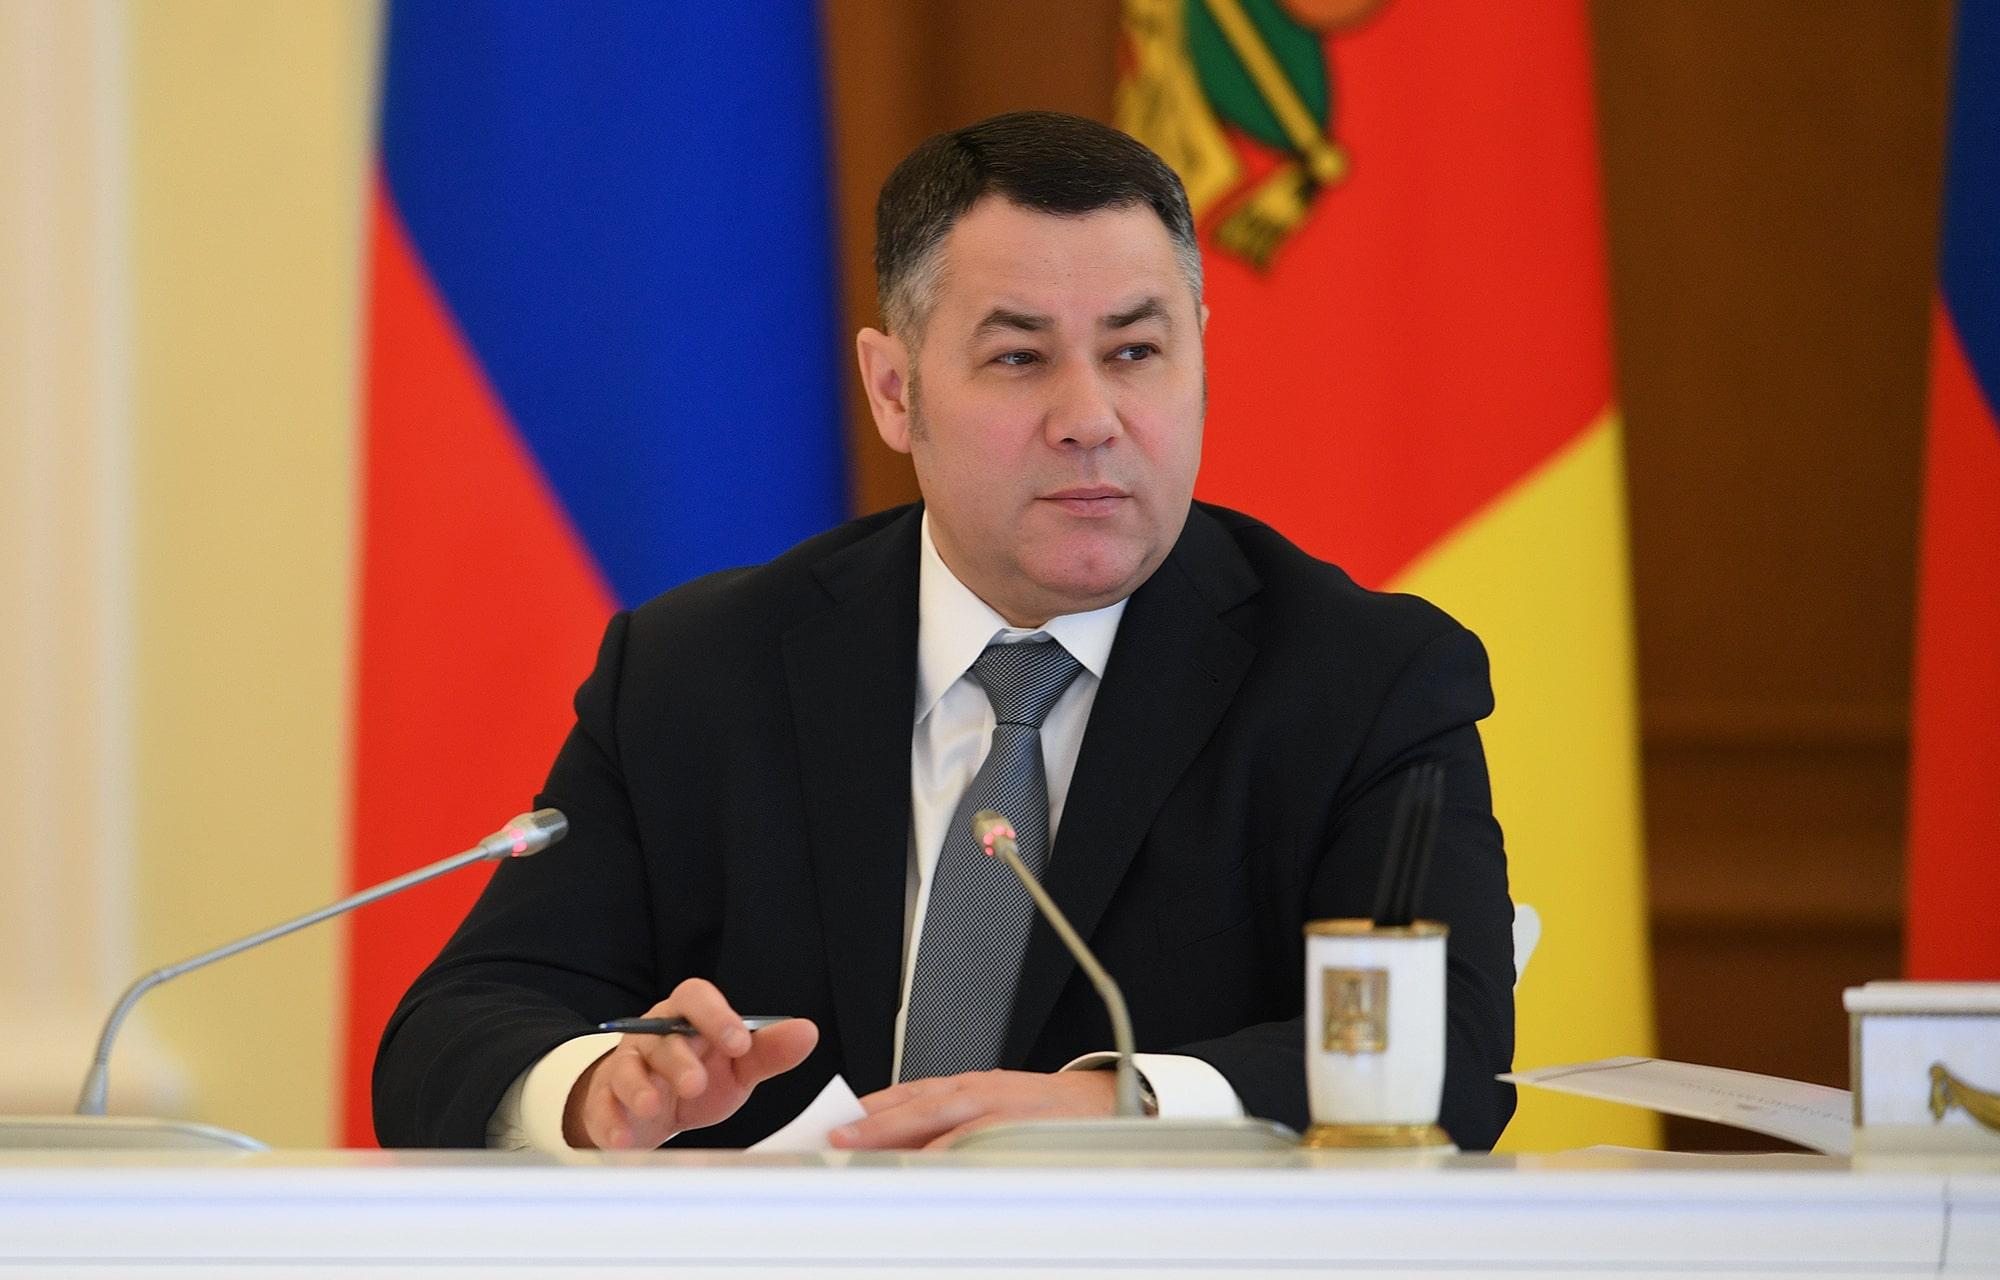 Игорь Руденя поставил задачи по исполнению в Тверской области послания президента России